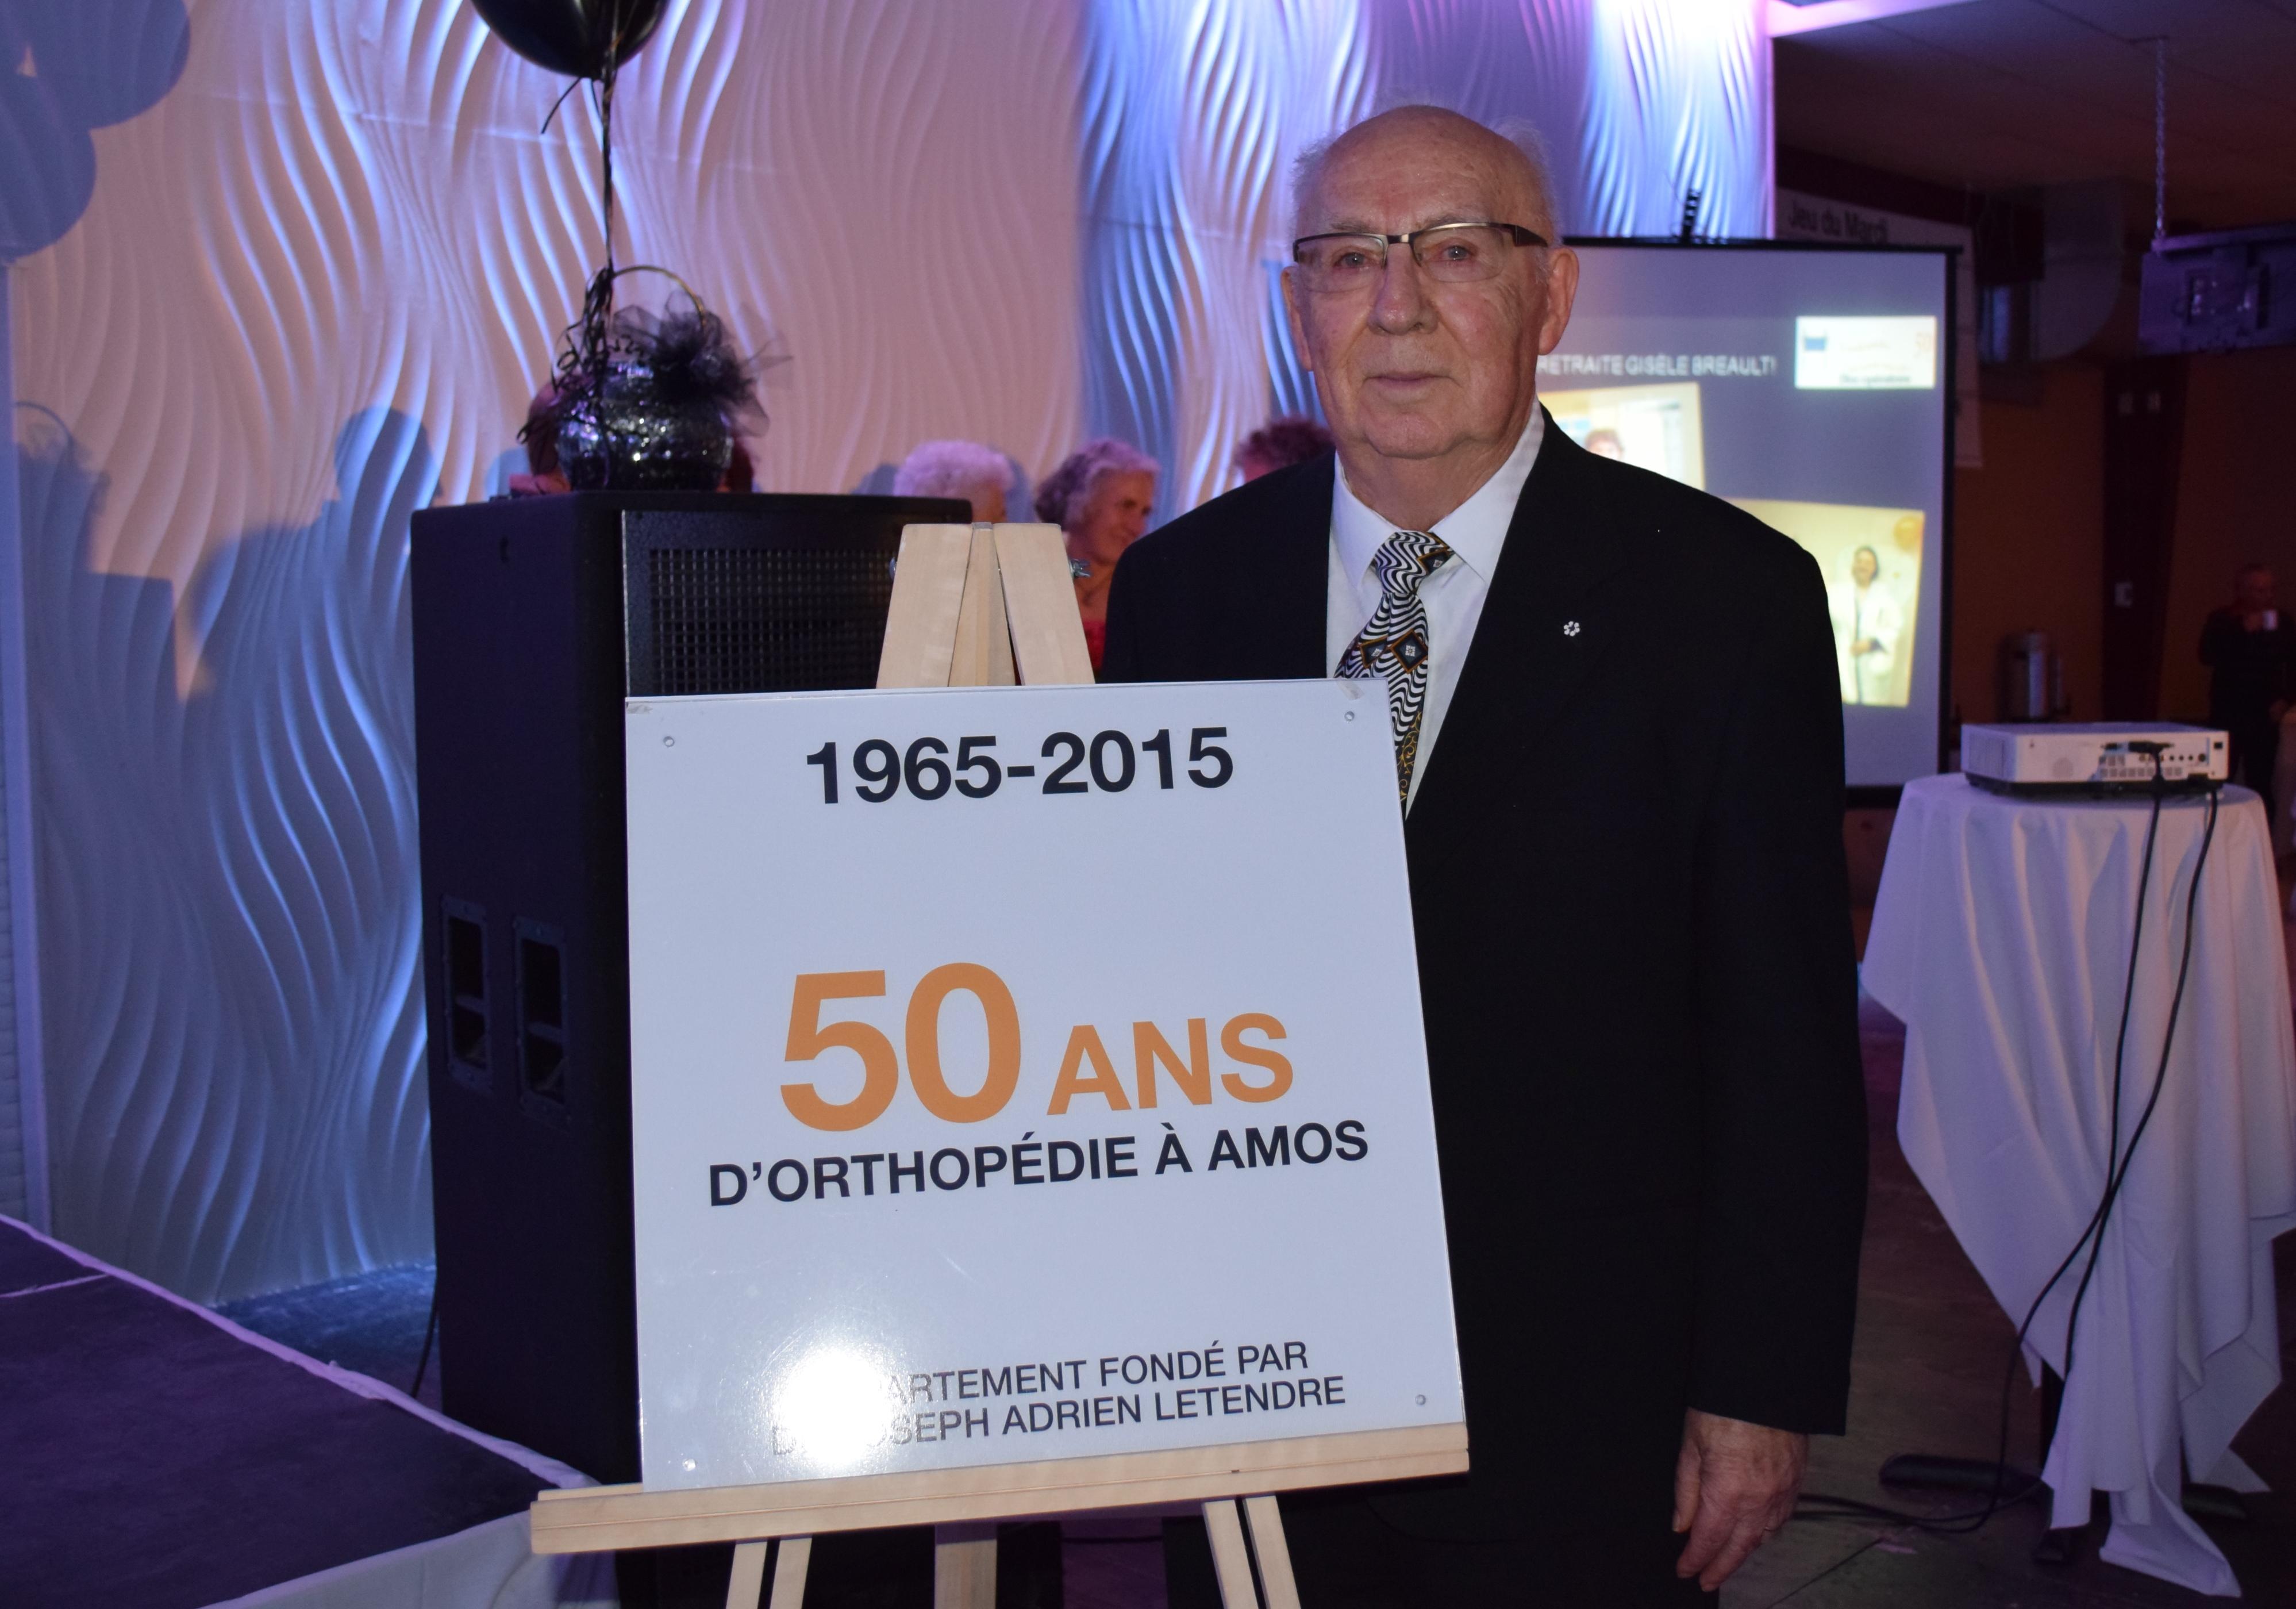 Dr Joseph-Adrien Letendre